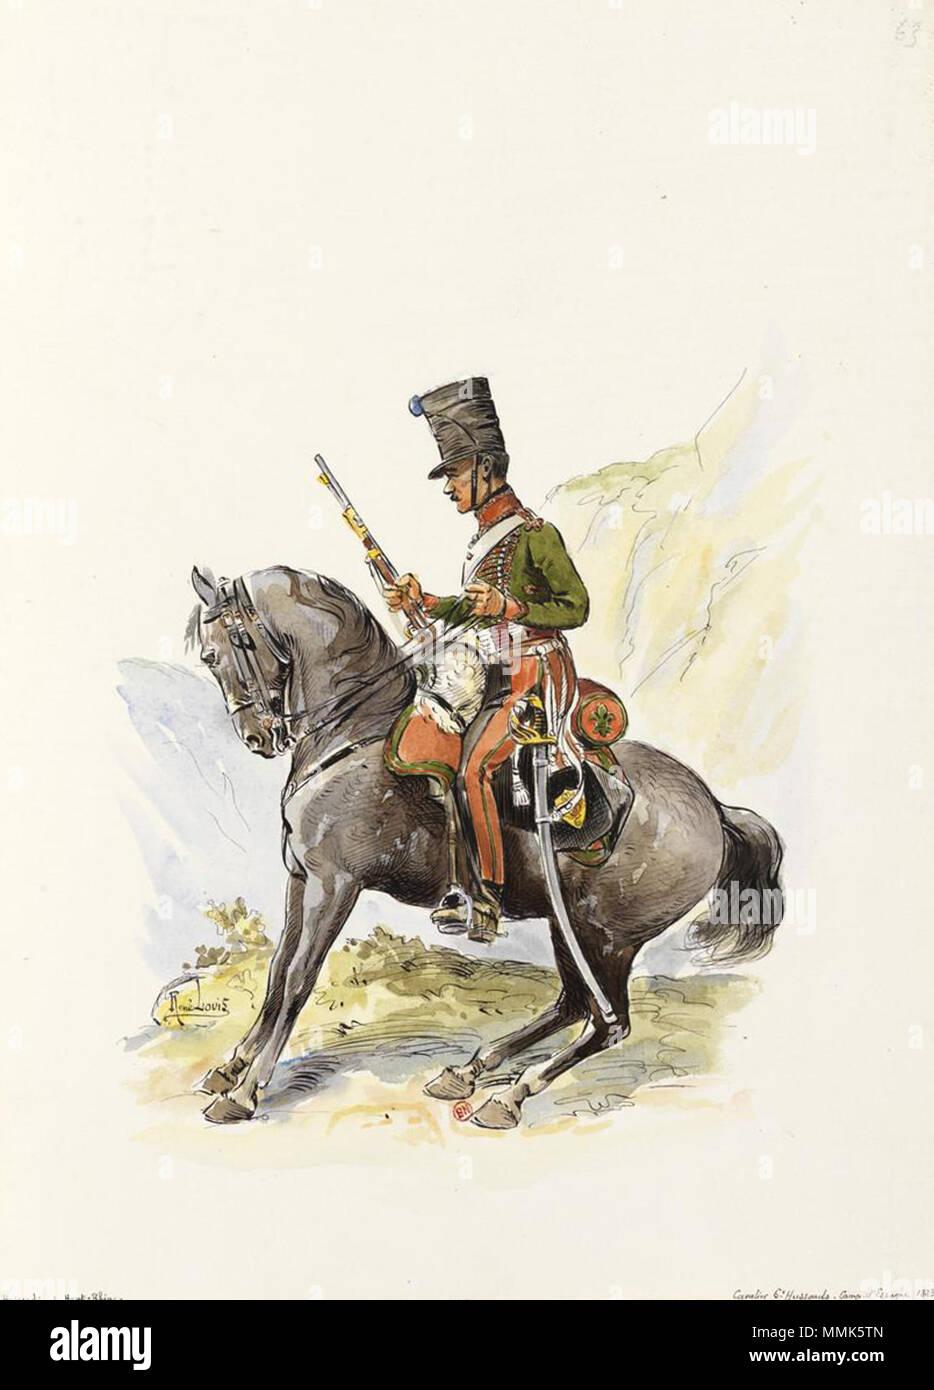 5e Saddle Of The Cavalier